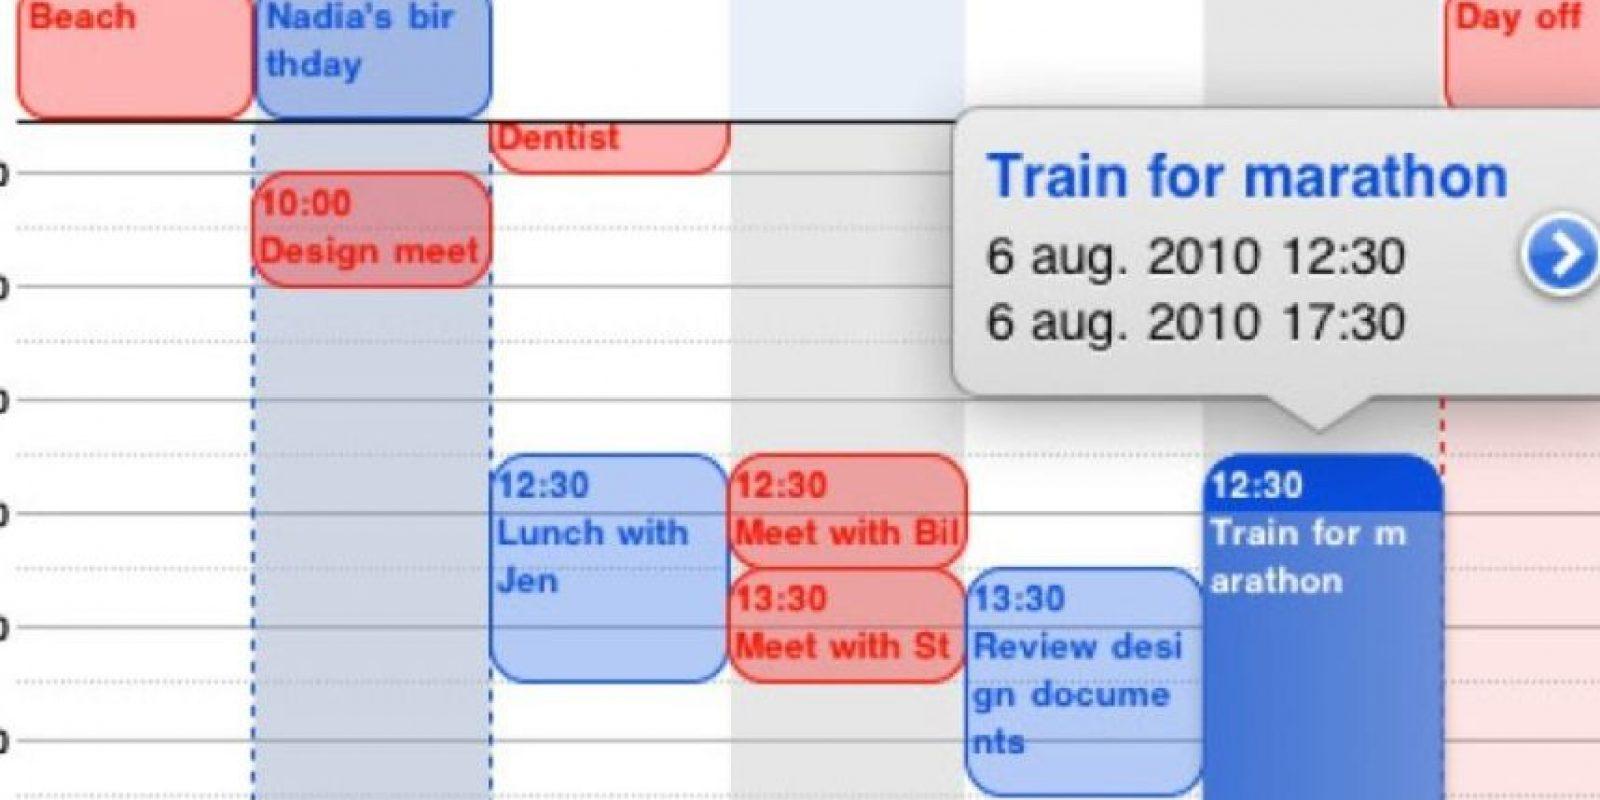 Calendario a detalle. Girar el iPhone en posición horizontal hará que les proporcione mayores datos sobre sus citas, horarios, lugares, entre otros. Foto:vía cdn.wpnderfulengineering.com